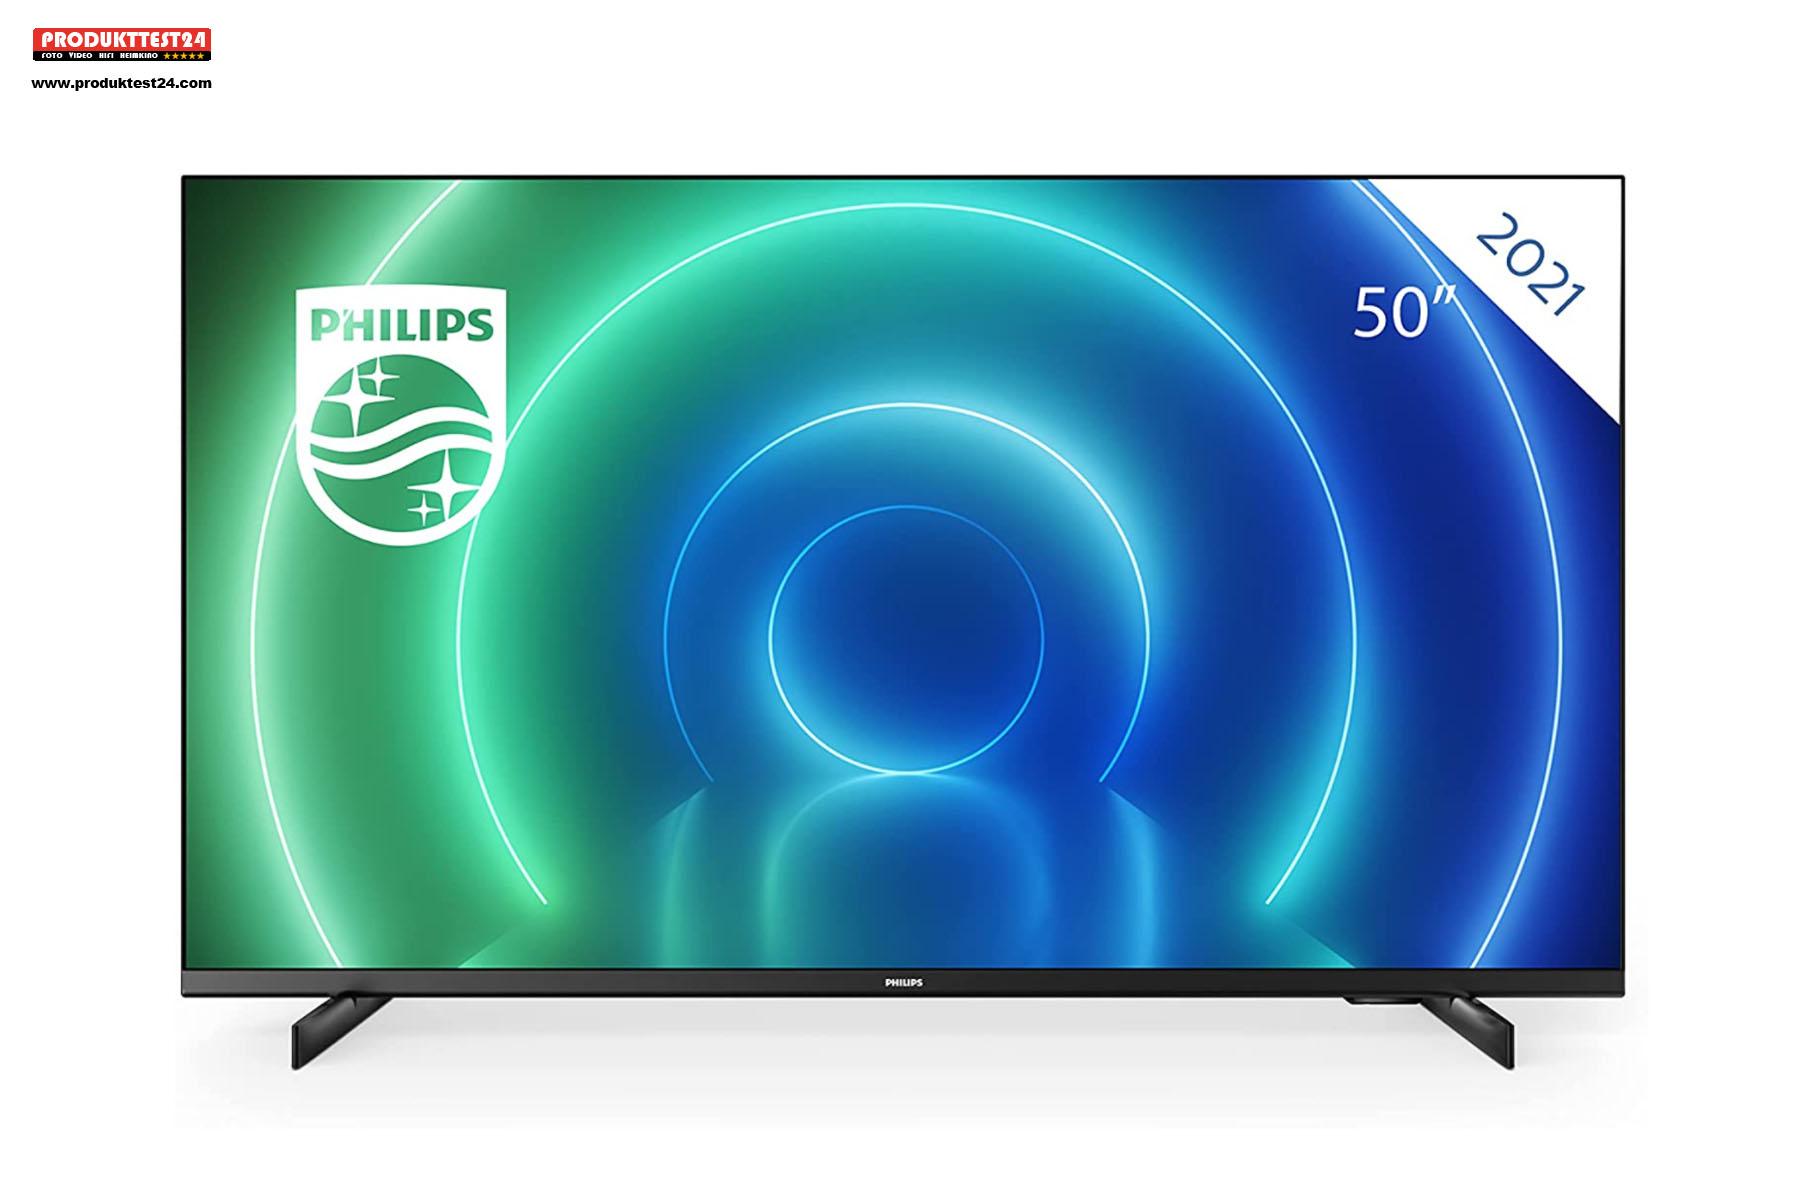 Der günstige 50 Zoll 4K-Fernseher von Philips.